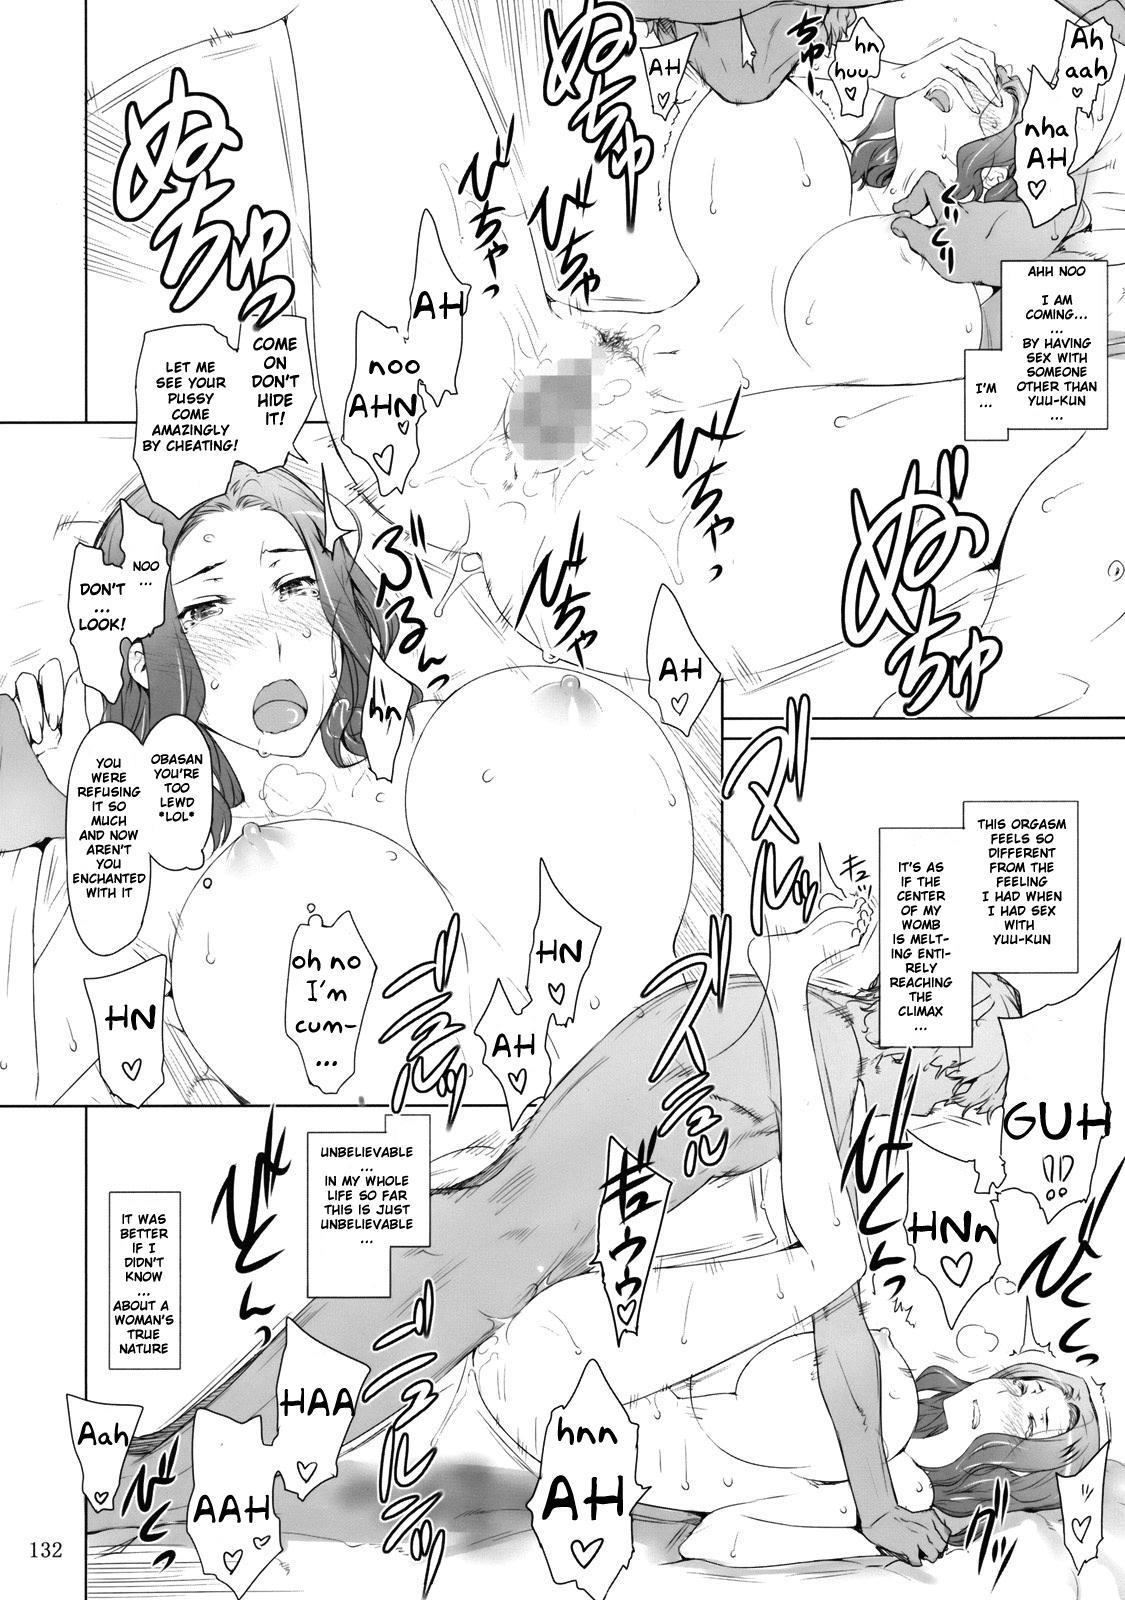 (C81) [MTSP (Jin)] Tachibana-san-chi no Dansei Jijou | Tachibana-san's Circumstances With a Man [English] {doujin-moe.us} 130